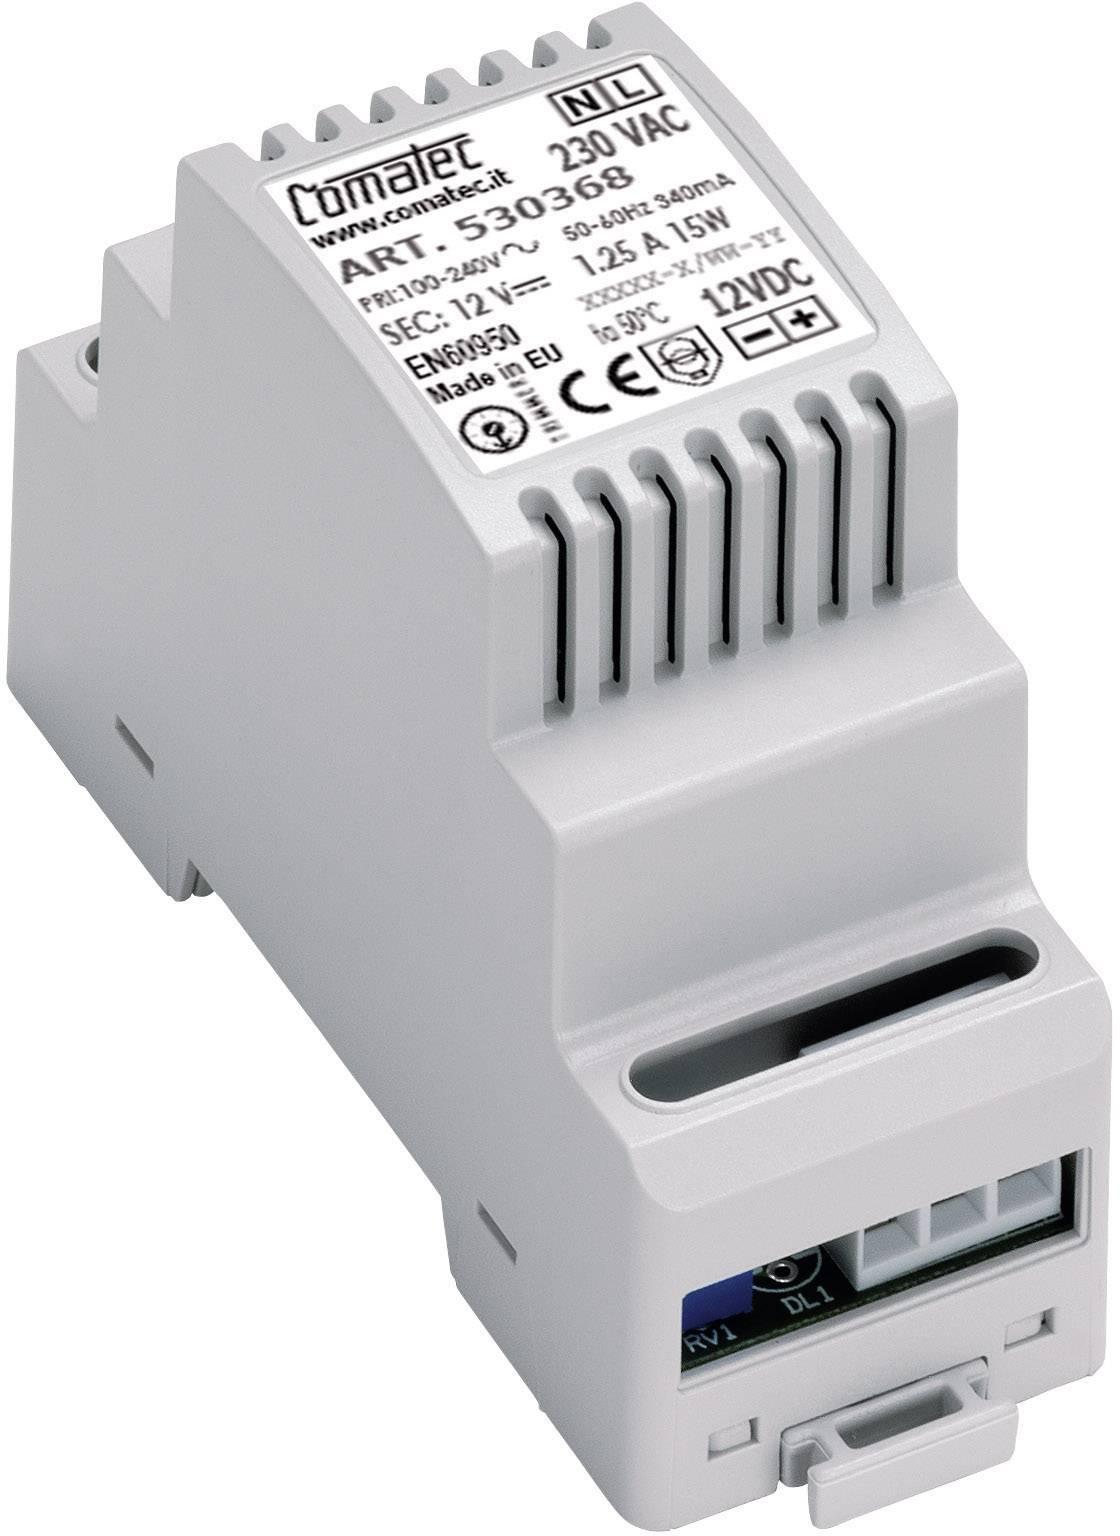 Sieťový zdroj na montážnu lištu (DIN lištu) Comatec TBD2/AR.0150.12/E8, 12 V/DC, 1.5 A, 18 W